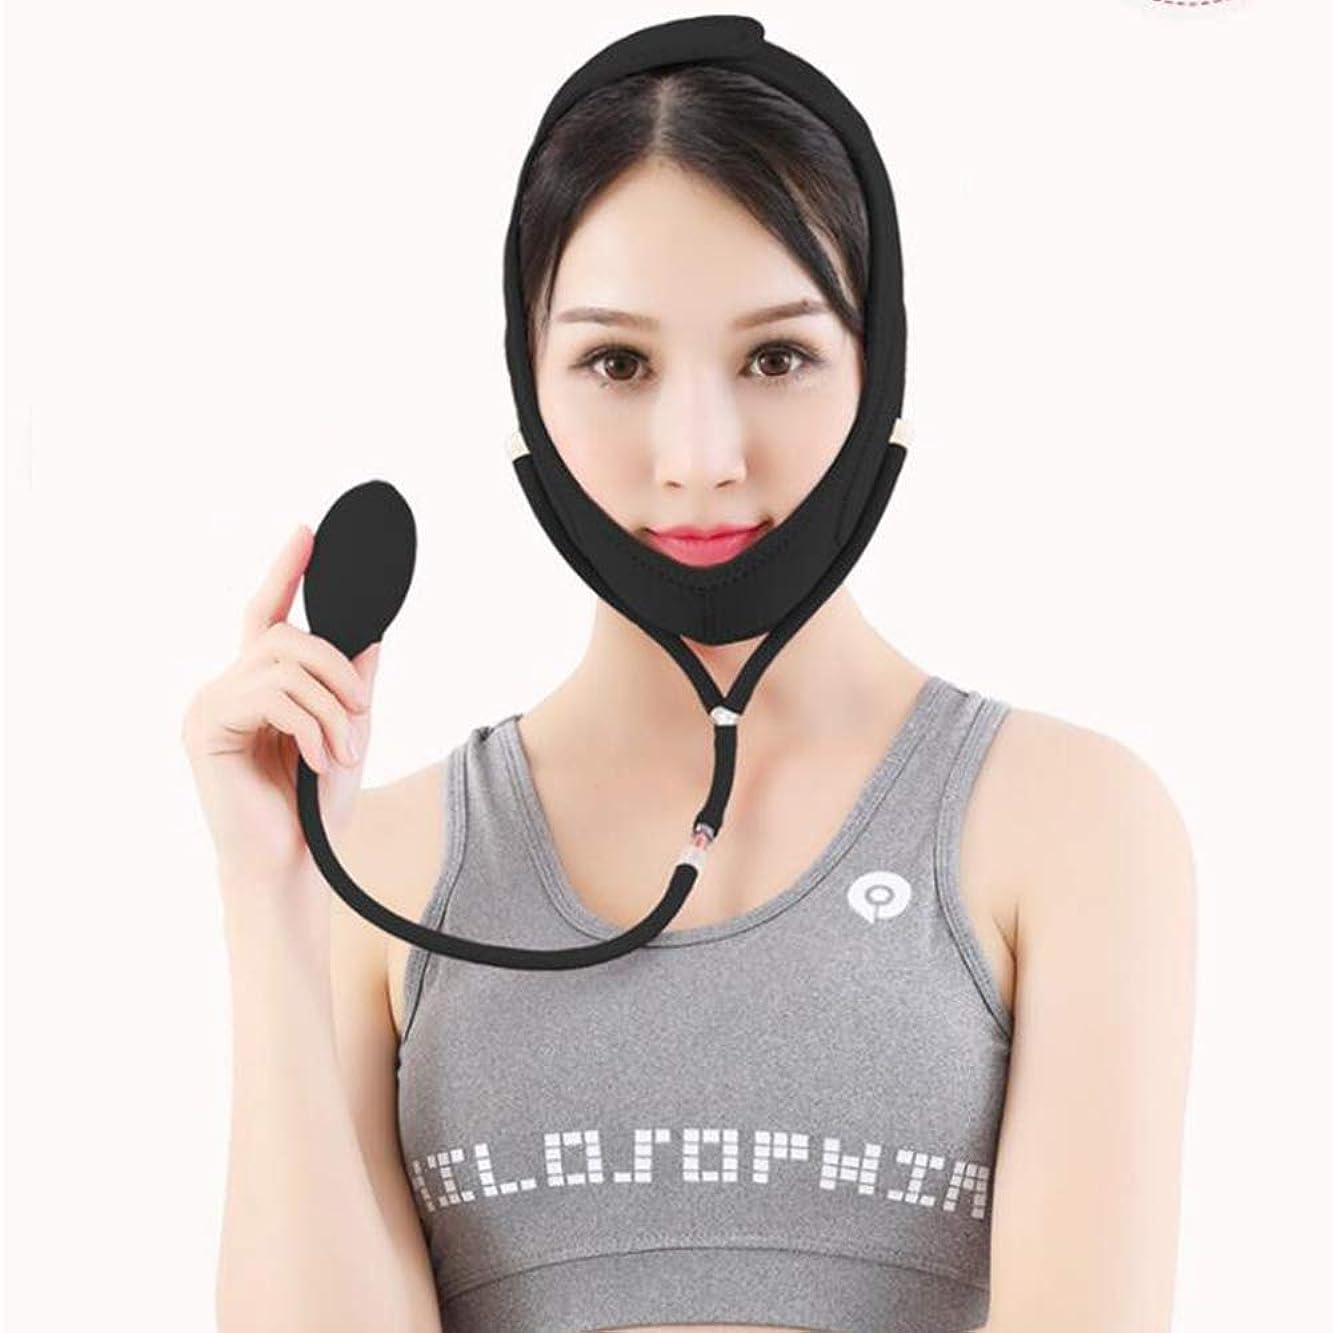 旅行代理店雑品BS フェイシャルリフティング痩身ベルトダブルエアバッグ圧力調整フェイス包帯マスク整形マスクが顔を引き締める フェイスリフティングアーティファクト (Color : Black, Size : M)